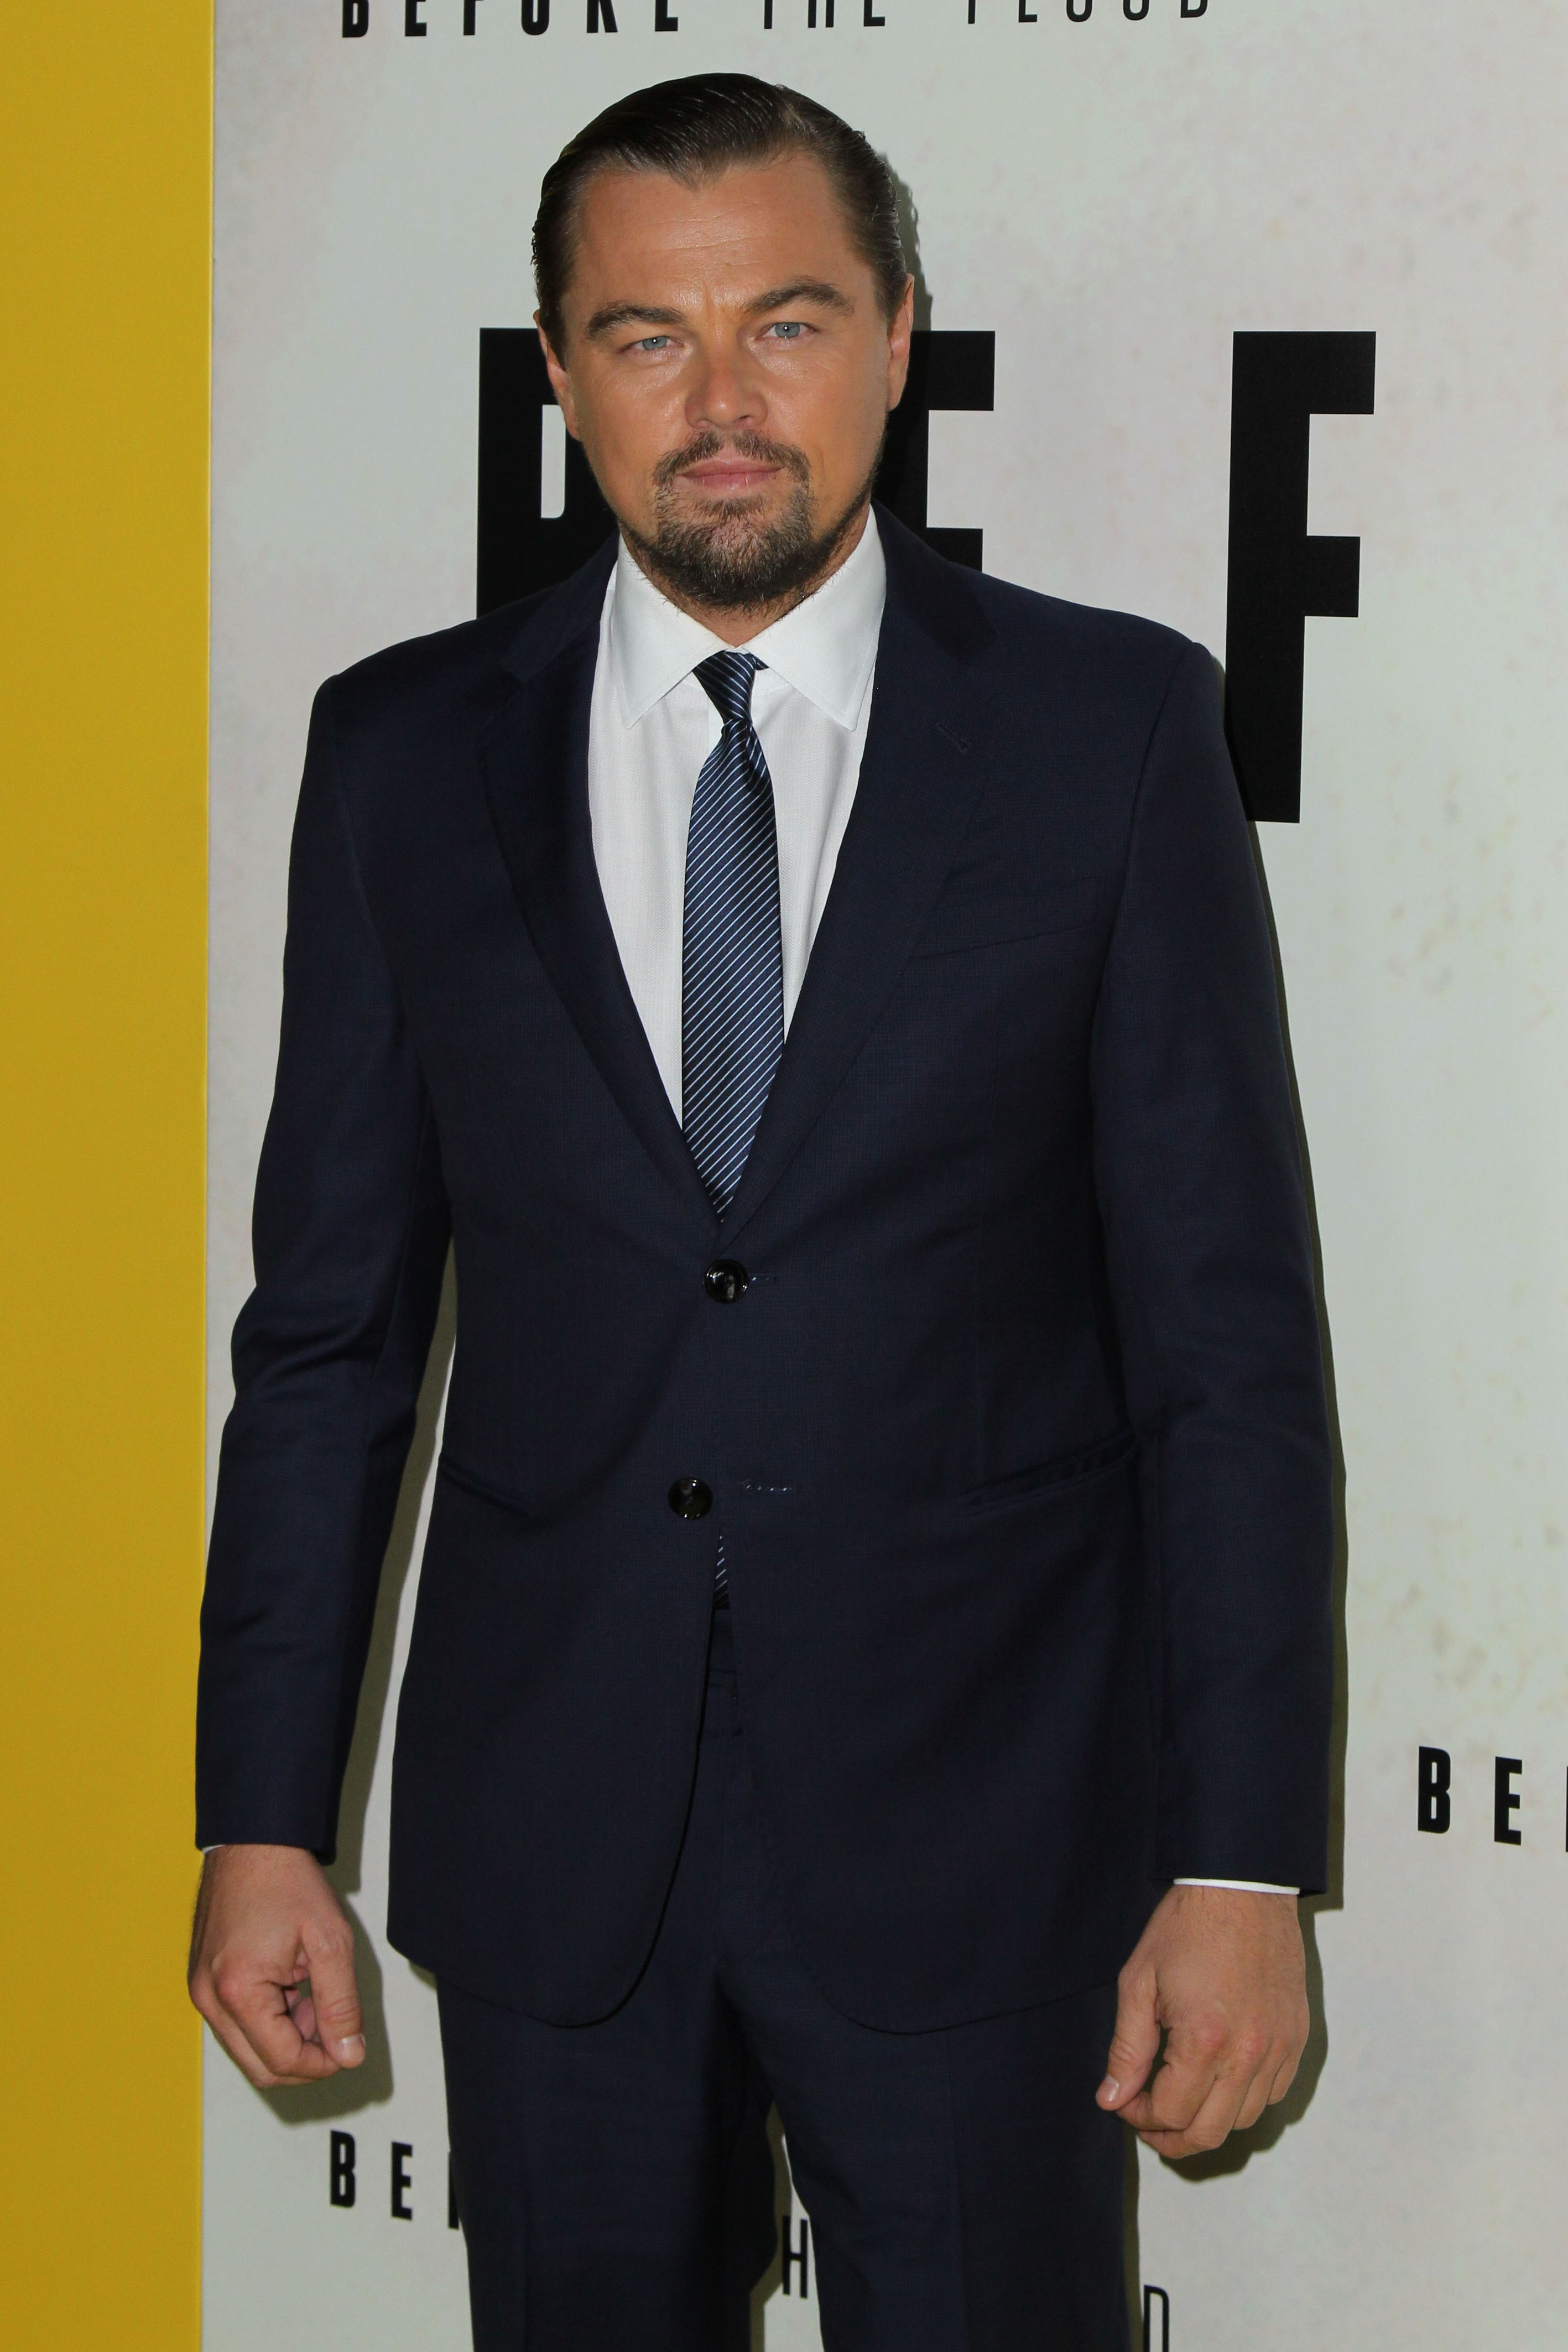 Leonardo DiCaprio is allegedly single, despite his model juggling